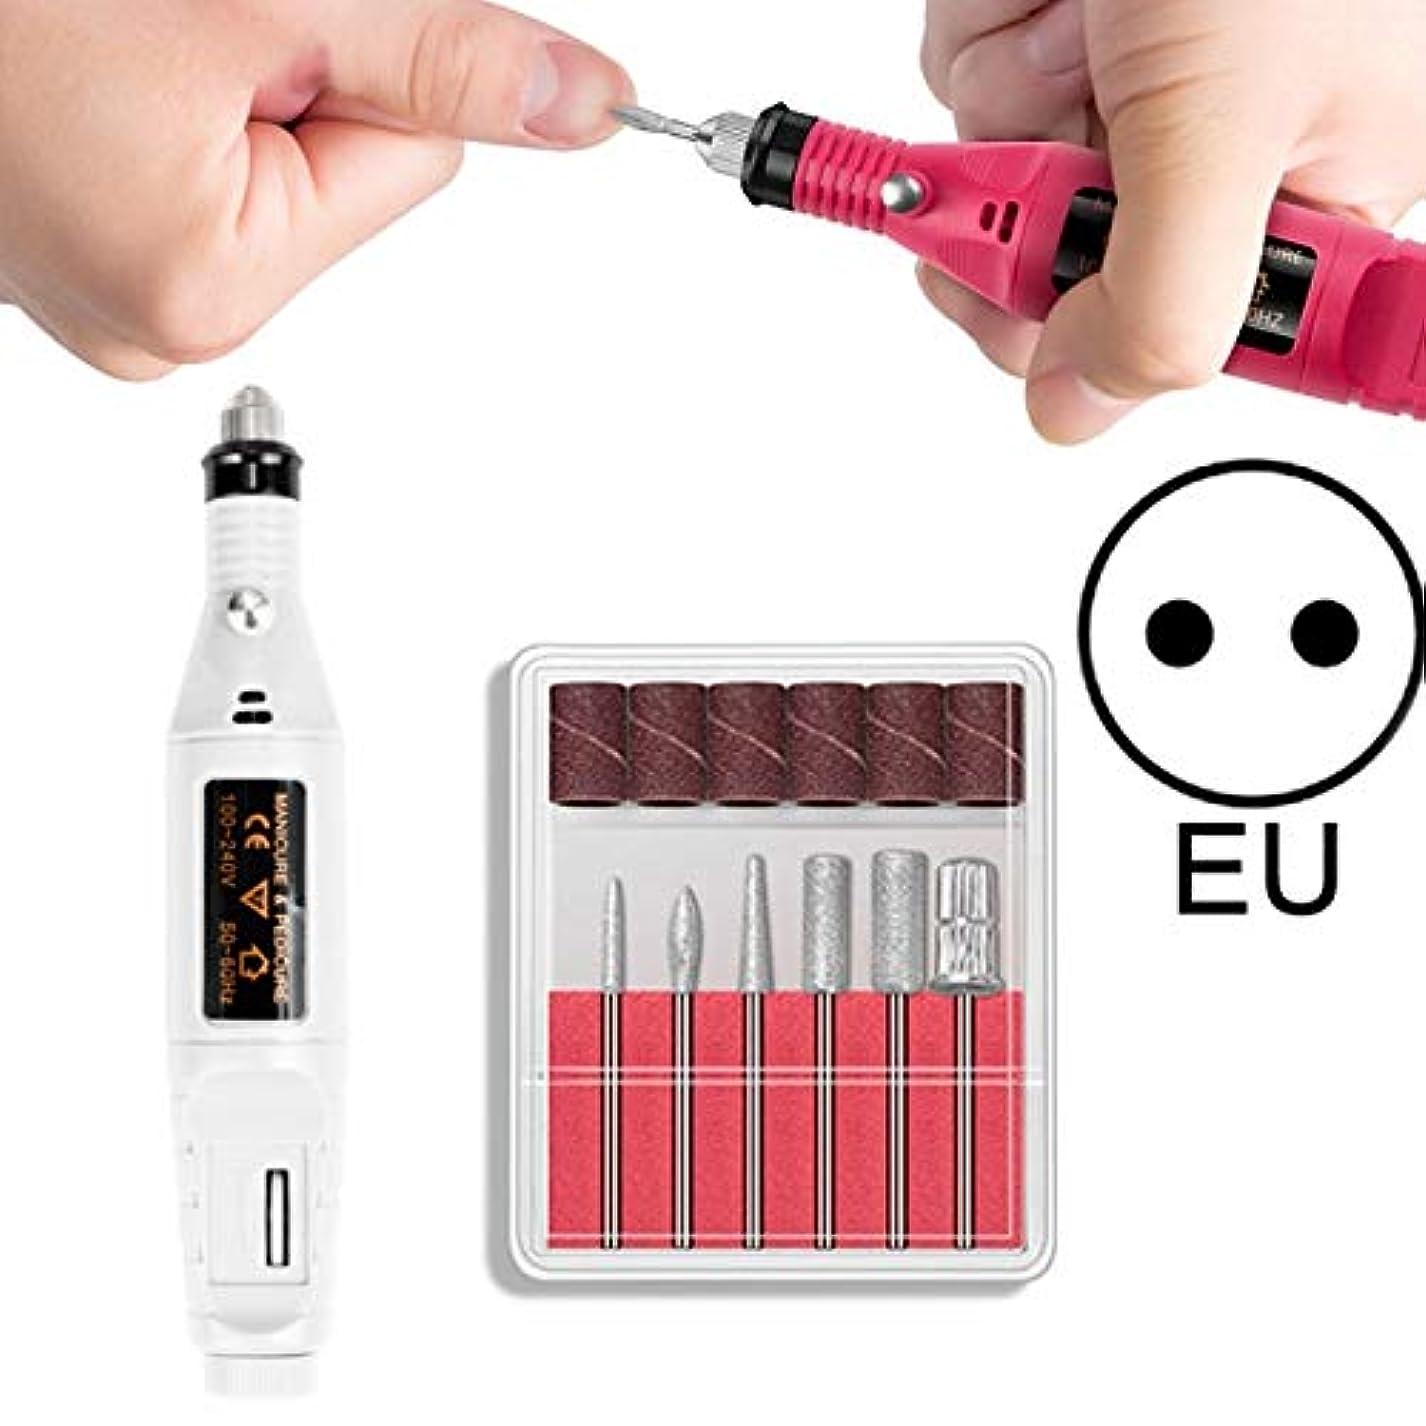 どのくらいの頻度でネット構成CELINEZL CELINEZL電動ネイルキットネイルチップマニキュア機電動ネイルアートペン(EUブラック) (色 : EU White)